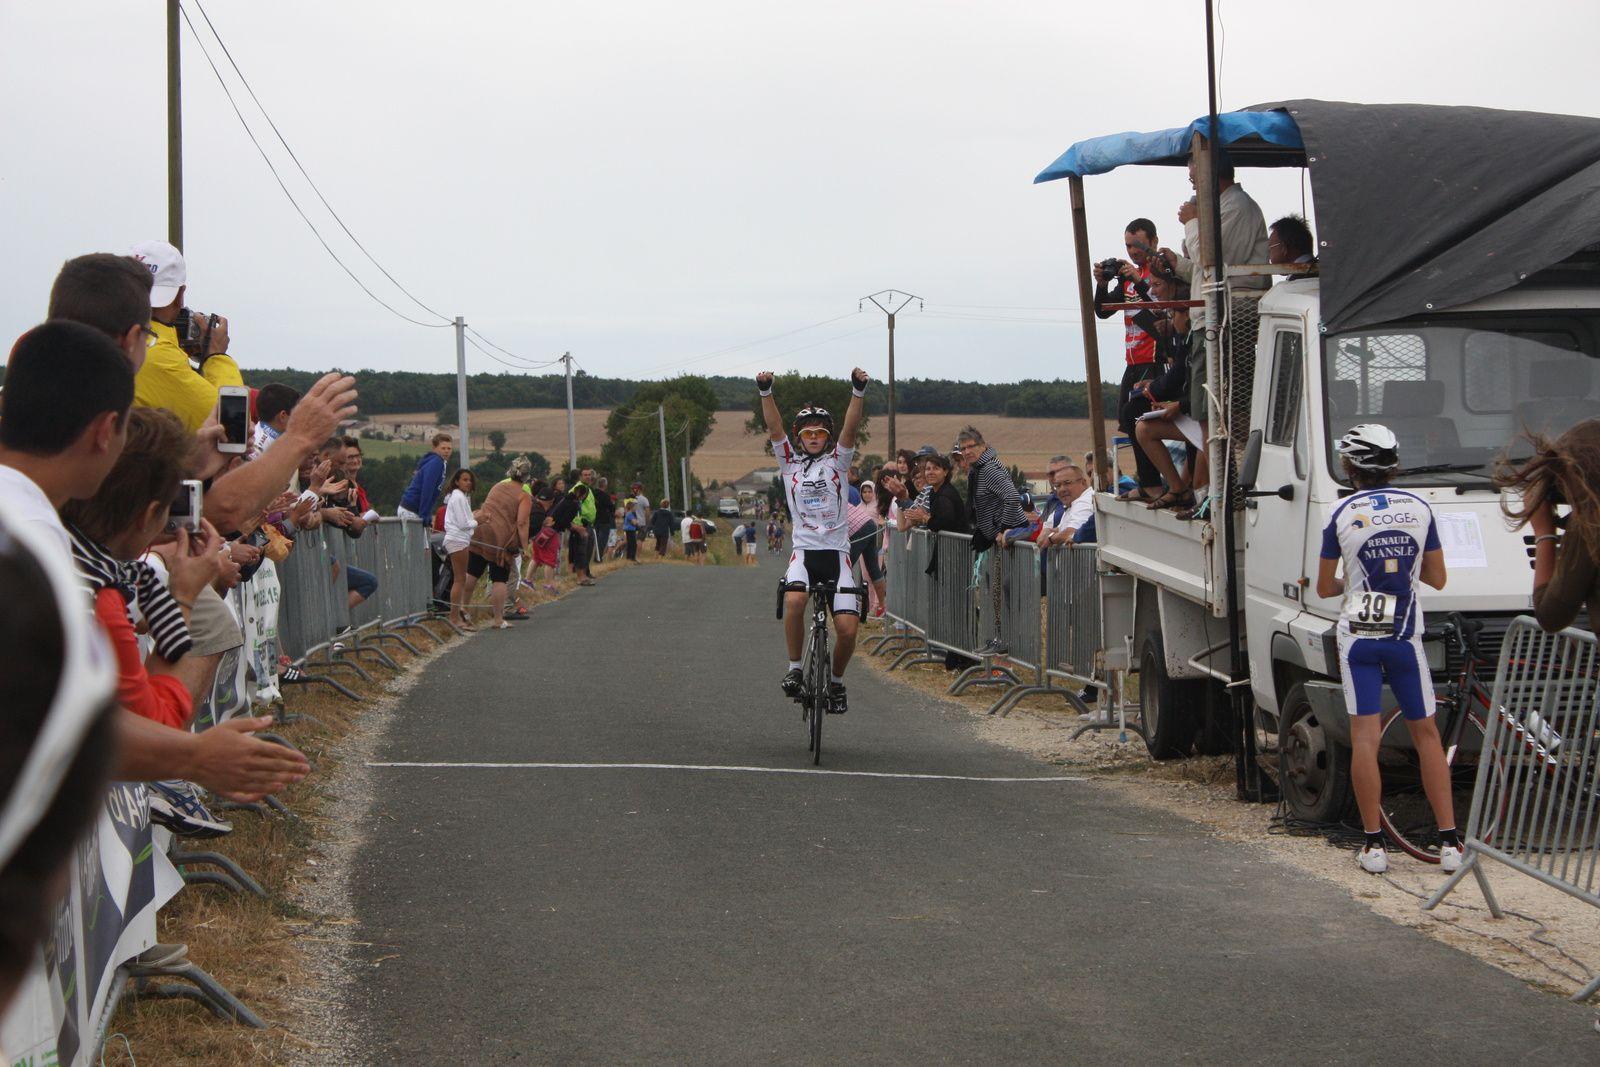 L'arrivée  avec  la  victoire  de  Olivier  AITKEN VHITMORE ( P  St  Florent)